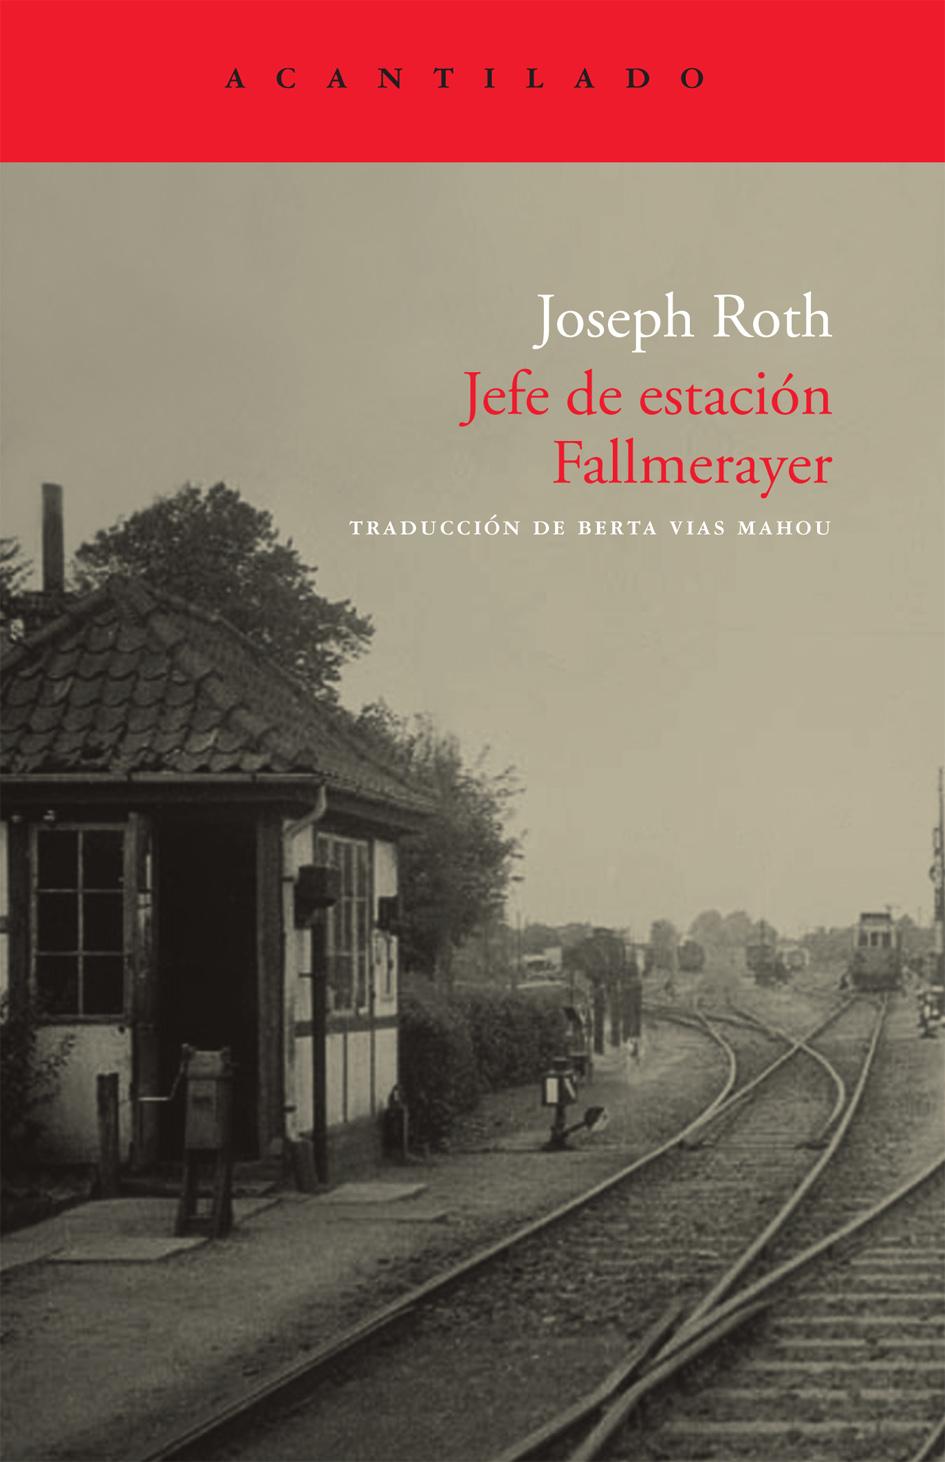 Sábado de Citas: Jefe de estación Fallmerayer de Joseph Roth